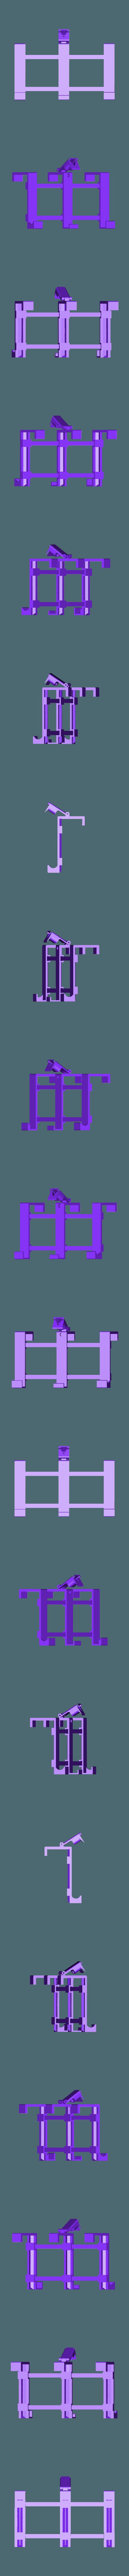 MountCompleteOpennon-printable.stl Télécharger fichier STL gratuit Support de téléphone pour lit IKEA STUVA / FRITIDS • Plan pour impression 3D, Milan_Gajic